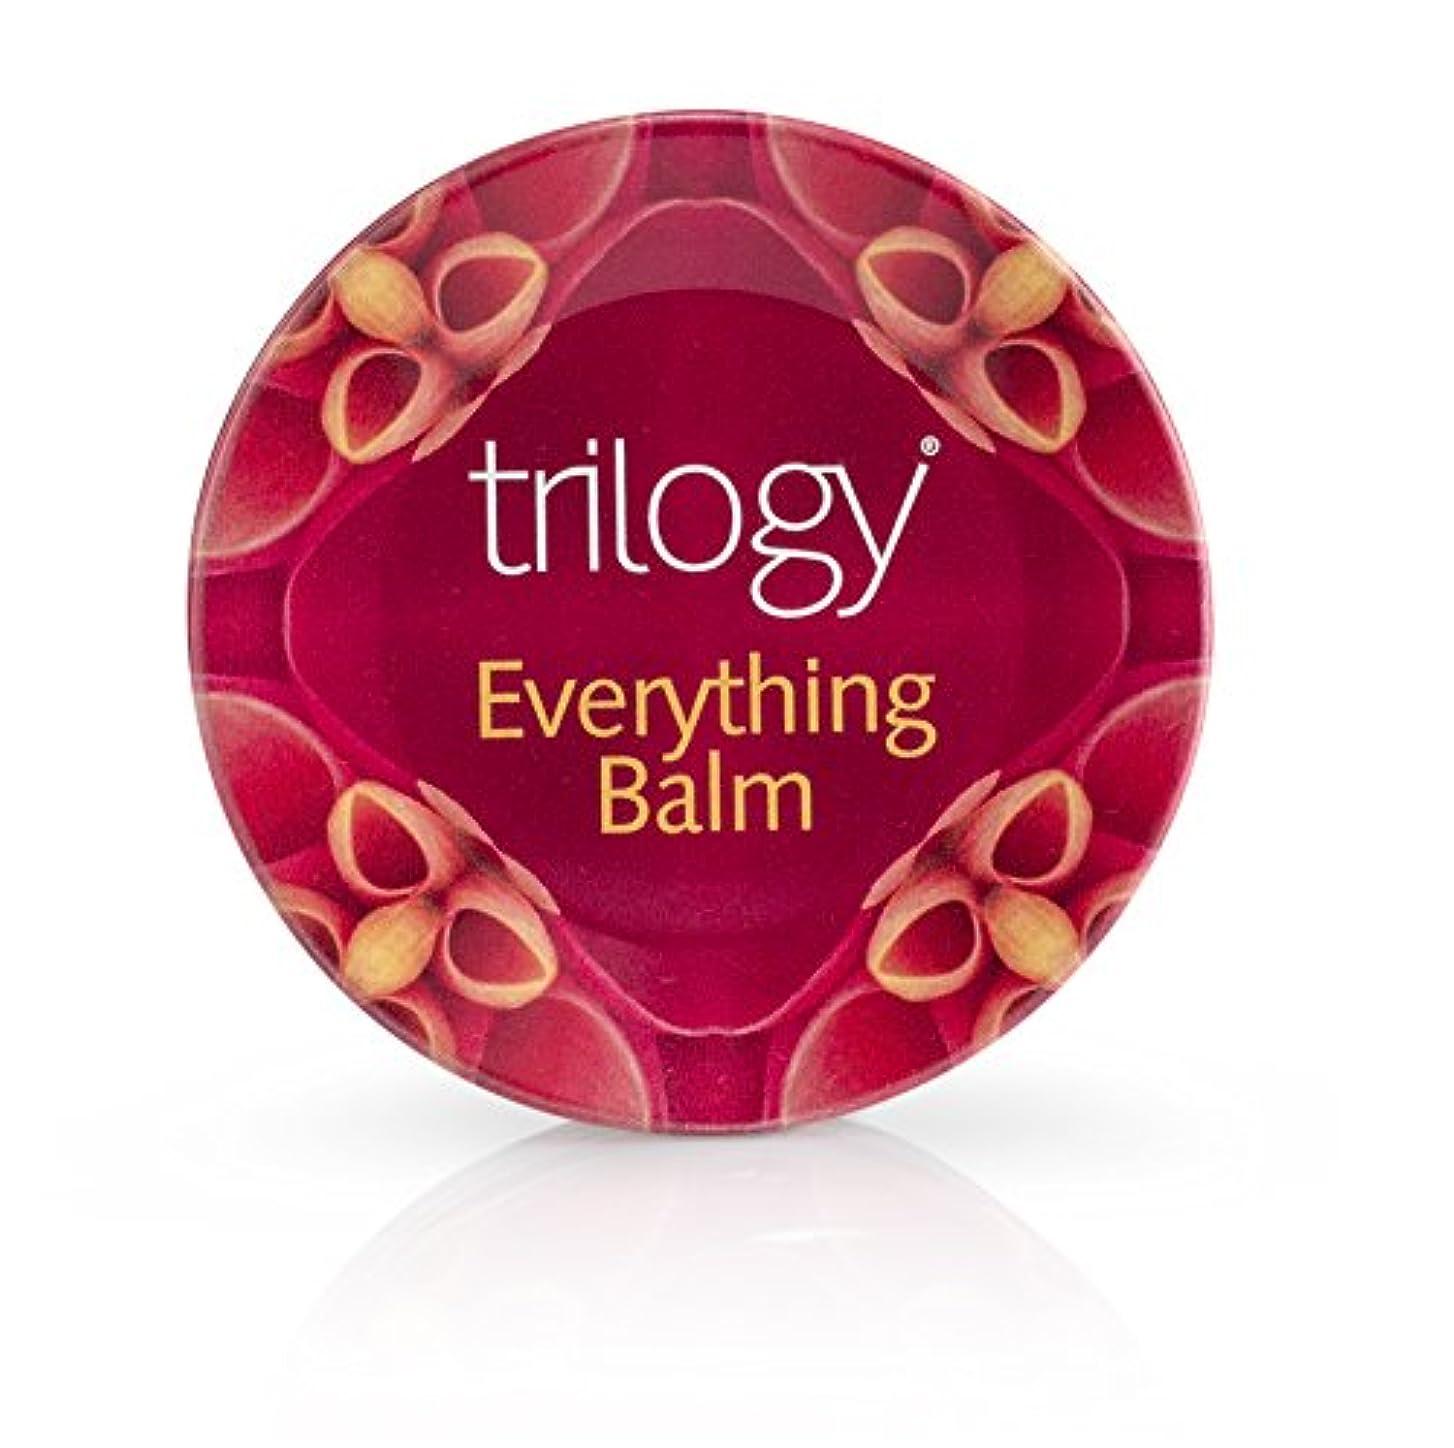 放棄打撃ただトリロジー(trilogy) エブリシング バーム 〈全身用バーム〉 (95mL)